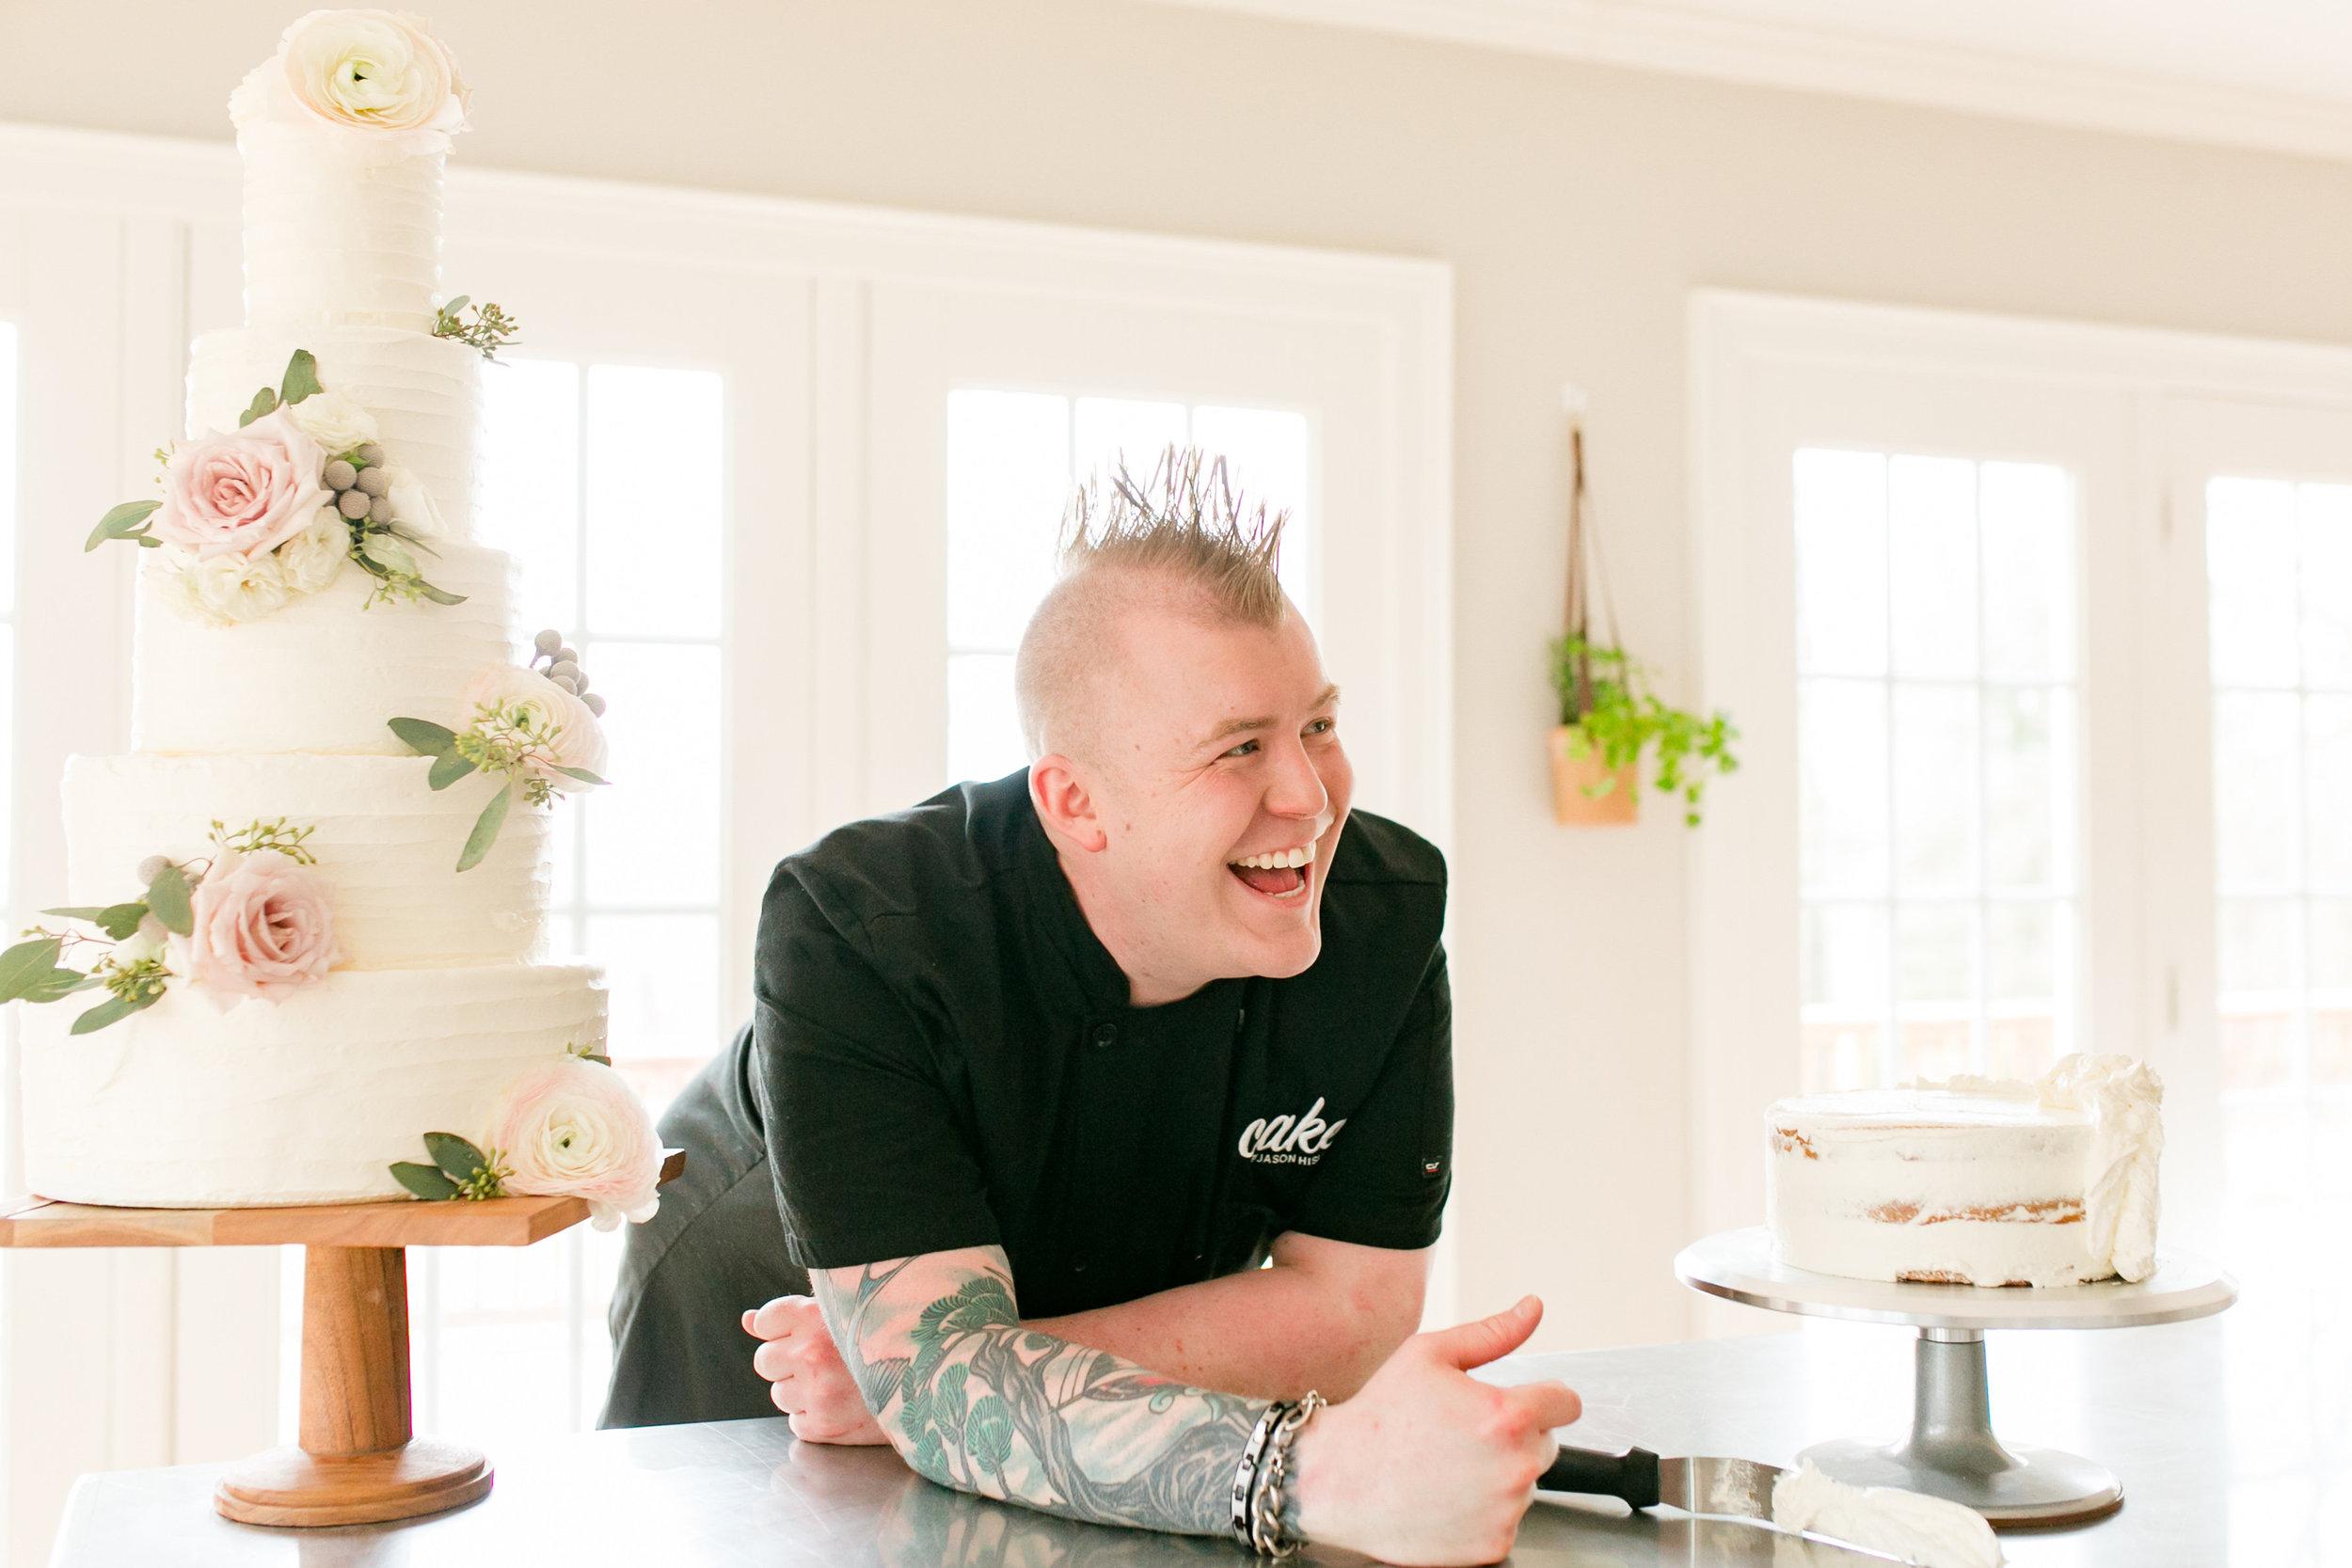 Jason Hisley, Founder & Executive Chef of Cake™